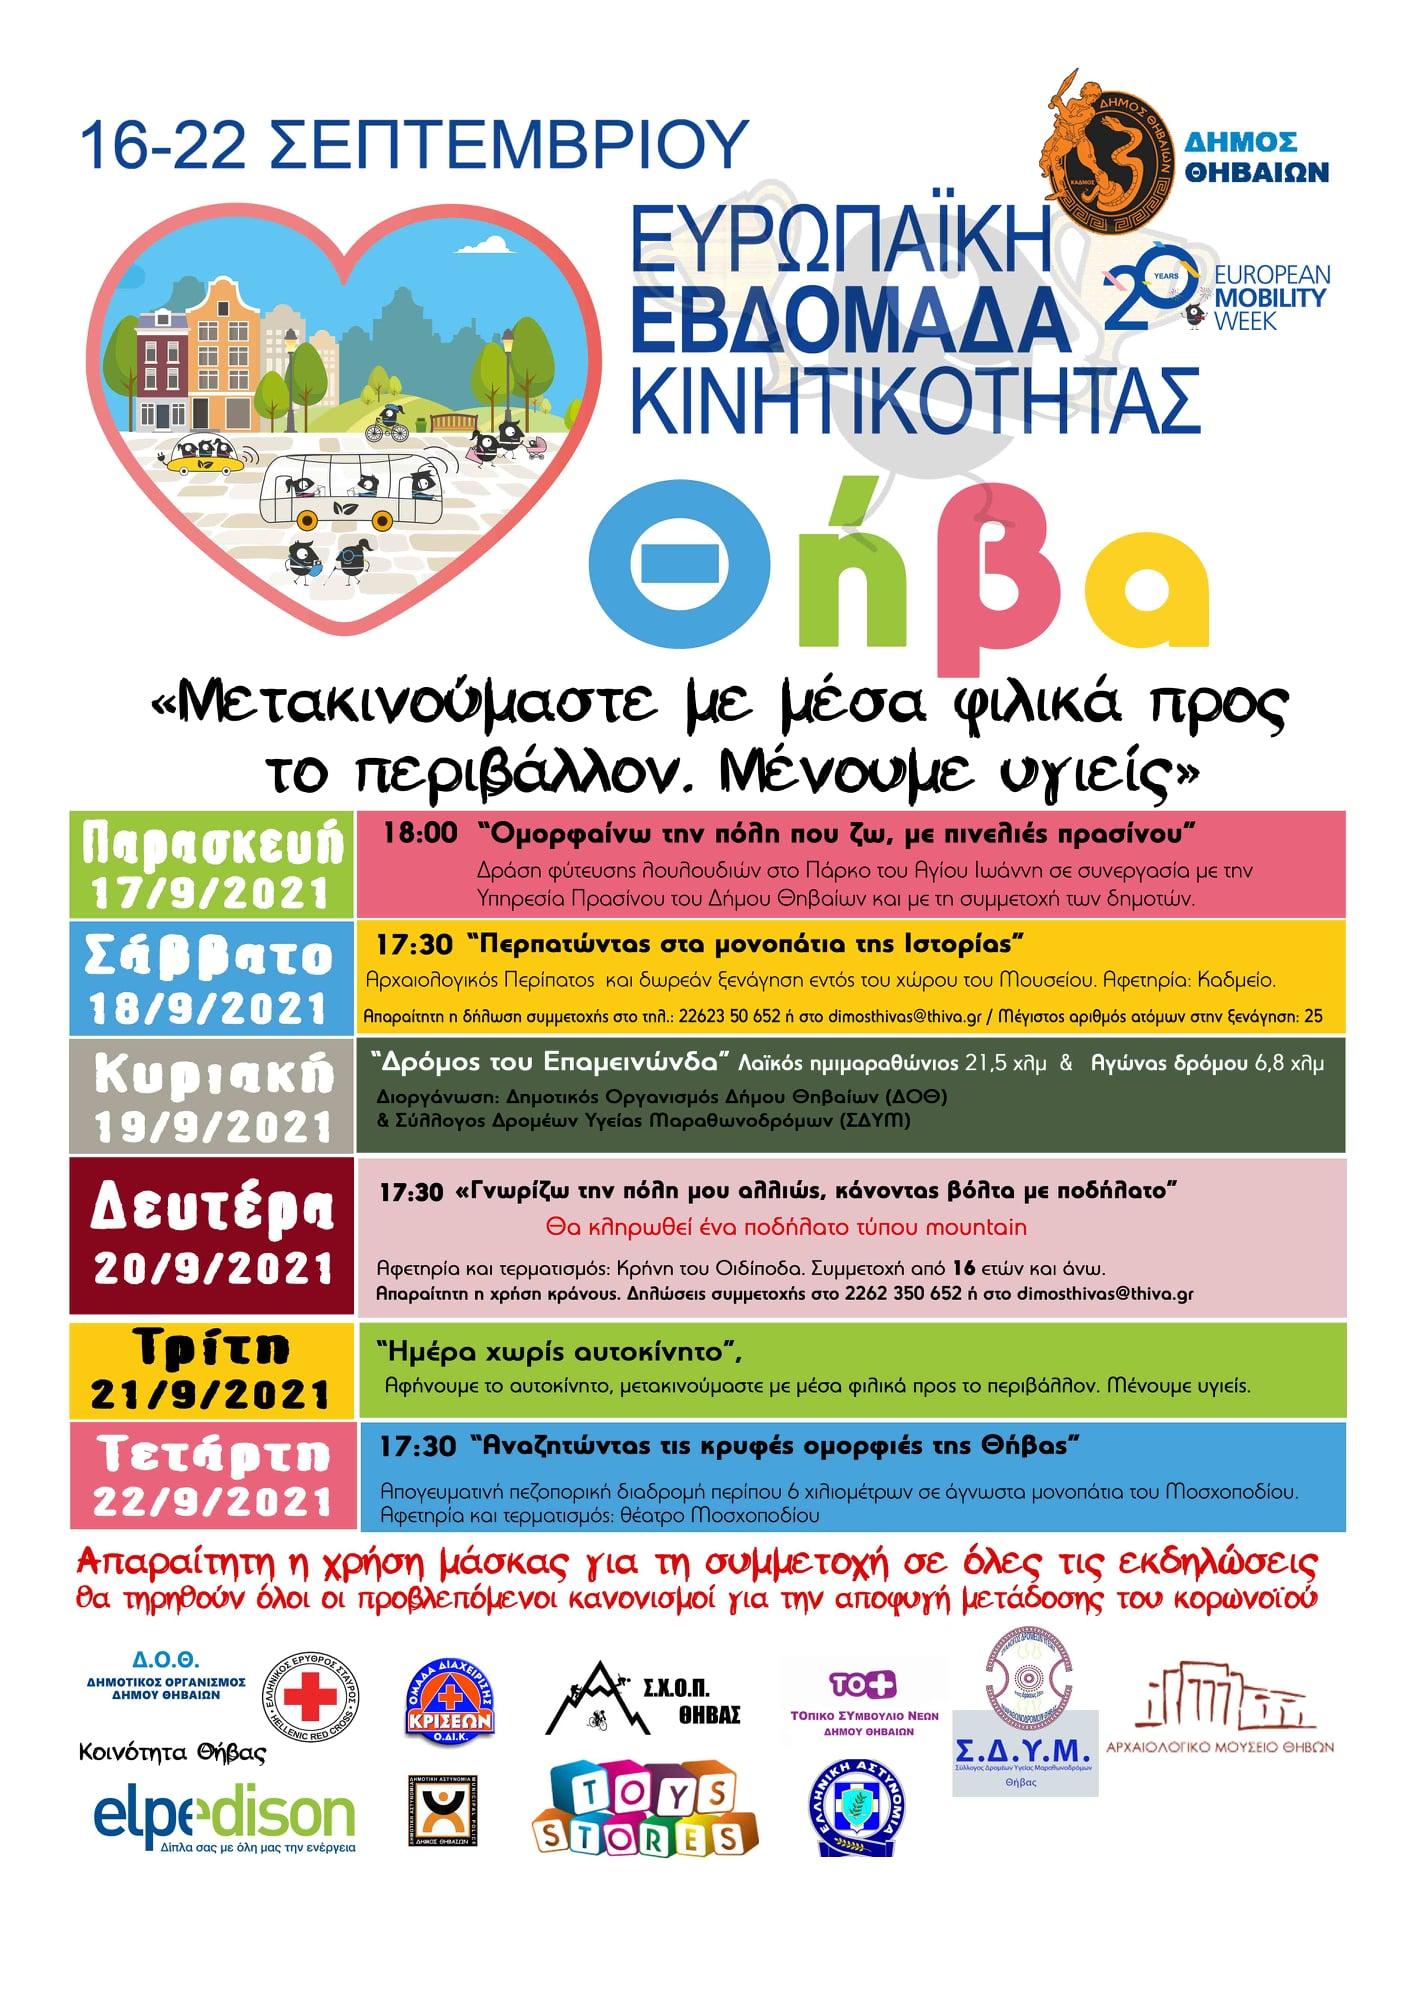 Ευρωπαϊκή Εβδομάδα Κινητικότητας: Πρόγραμμα Δράσεων Δήμου Θηβαίων